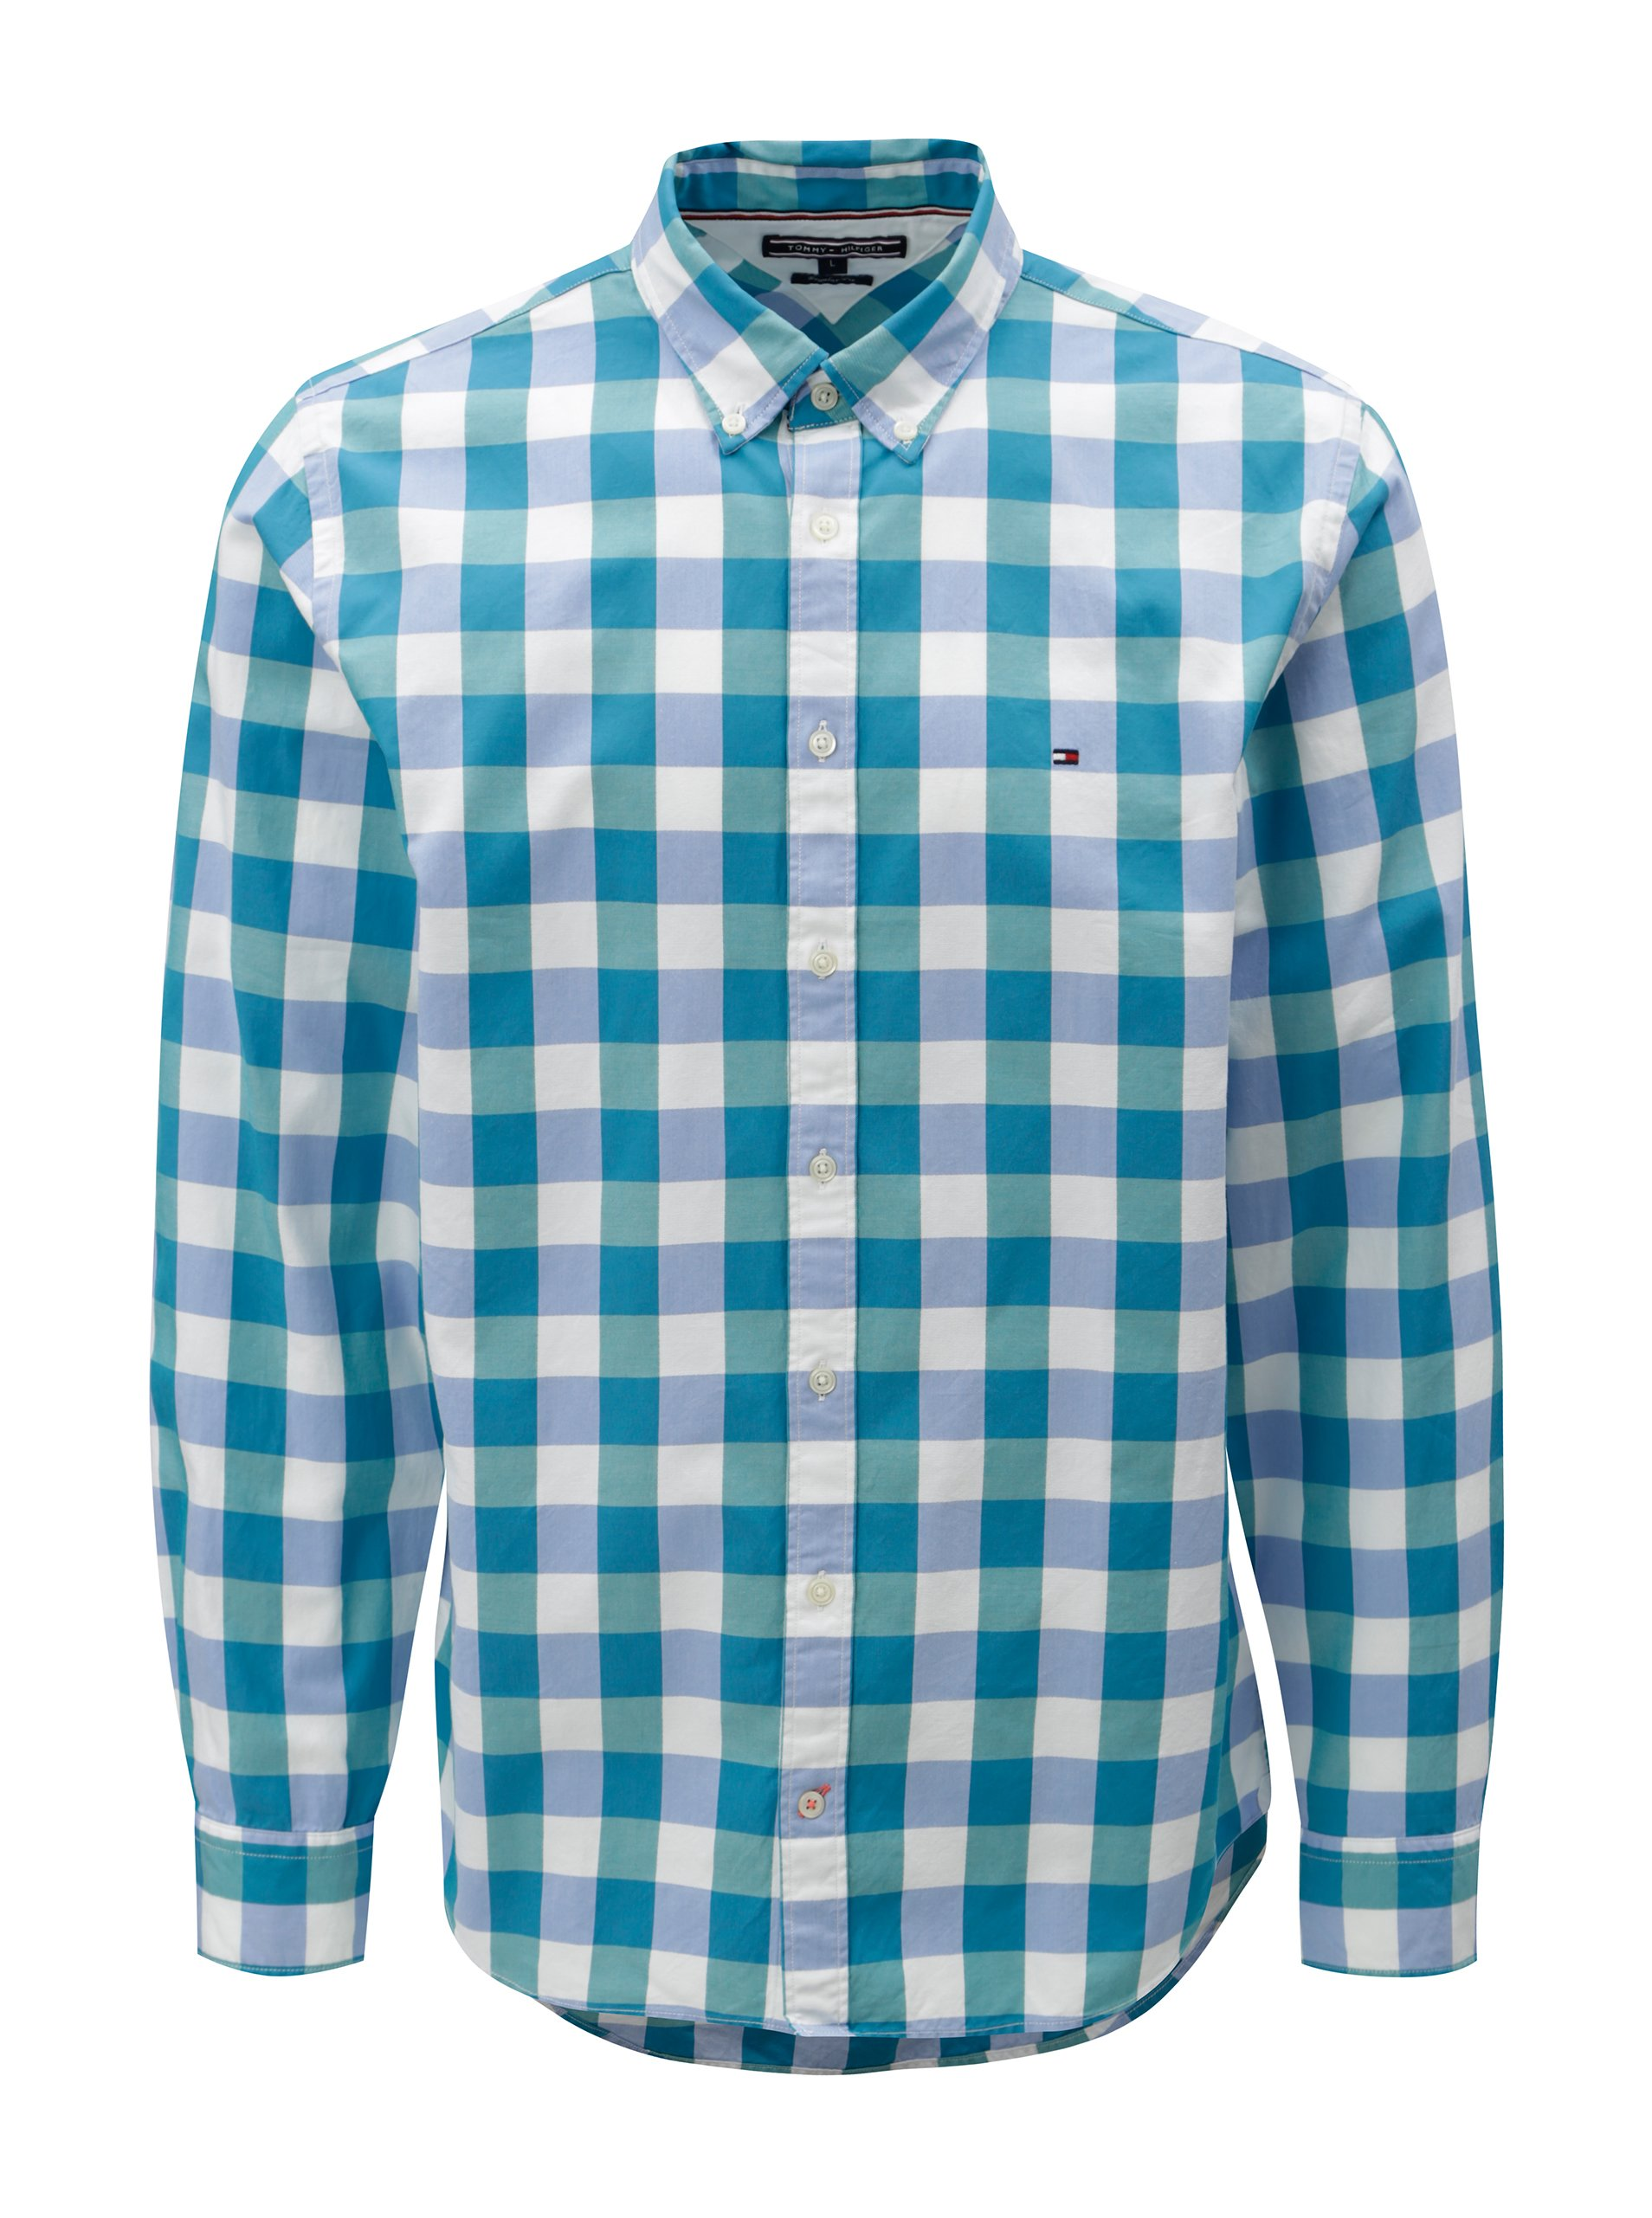 a5822f708701 Bielo-zelená pánska kockovaná regular fit košeľa Tommy Hilfiger ...